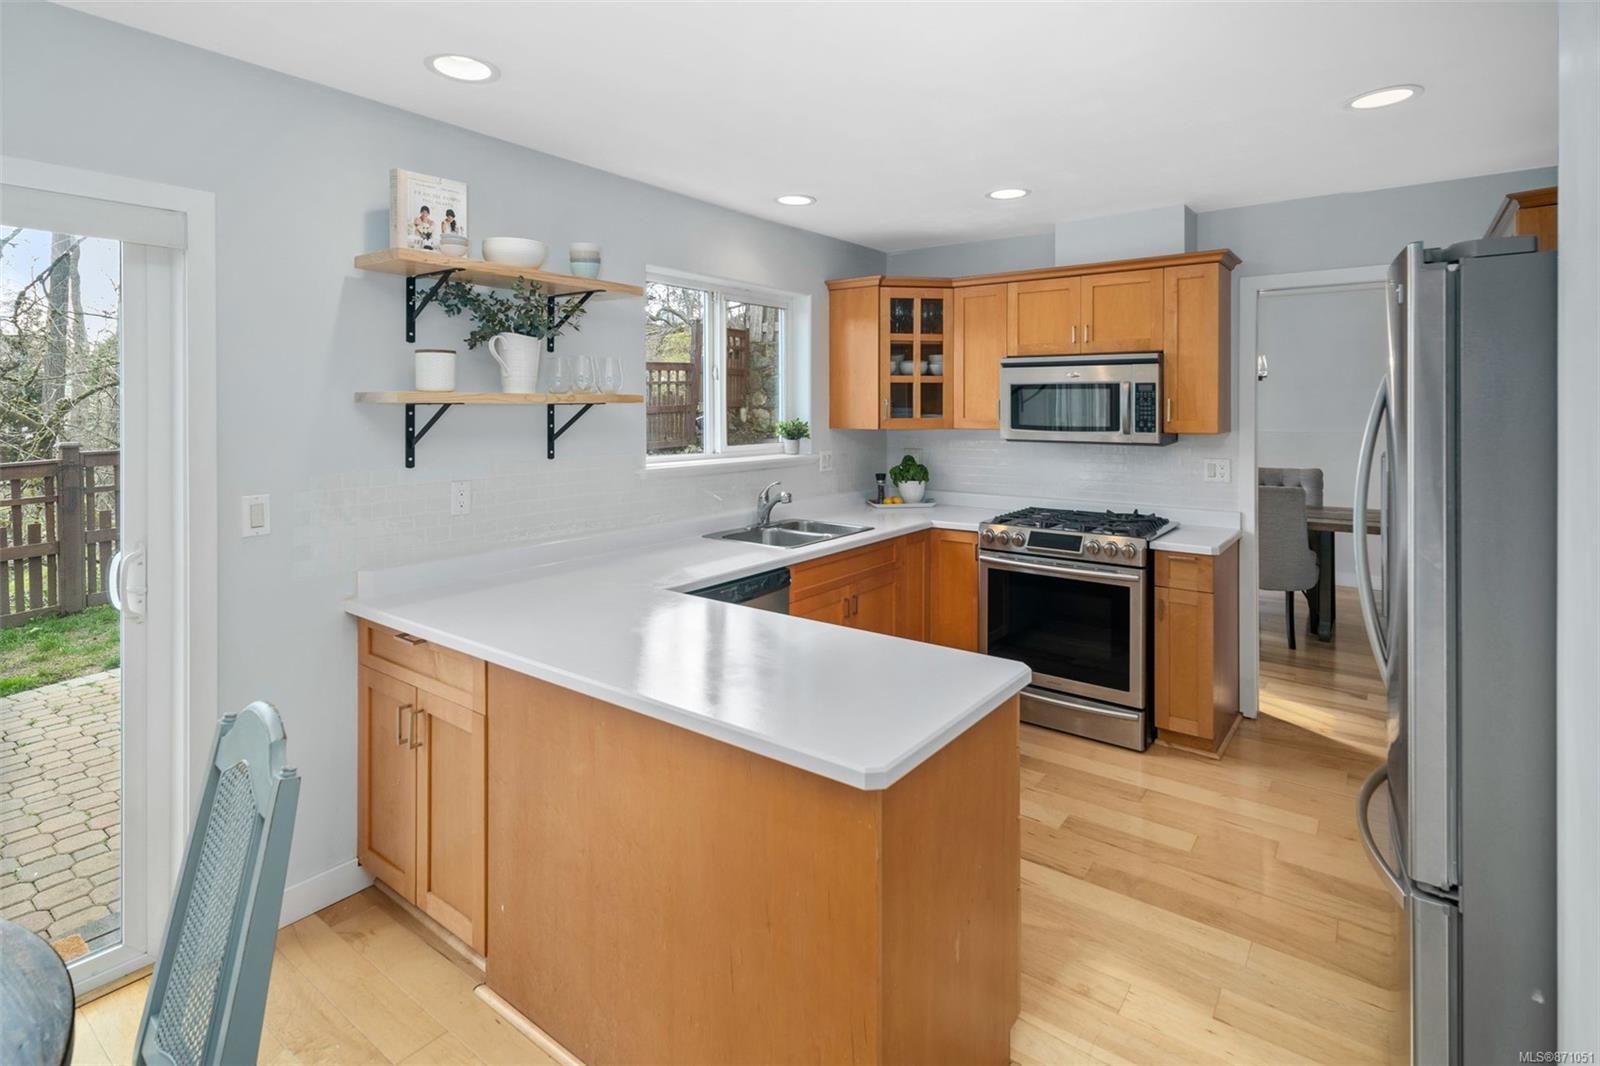 Photo 5: Photos: 521 Selwyn Oaks Pl in : La Mill Hill House for sale (Langford)  : MLS®# 871051